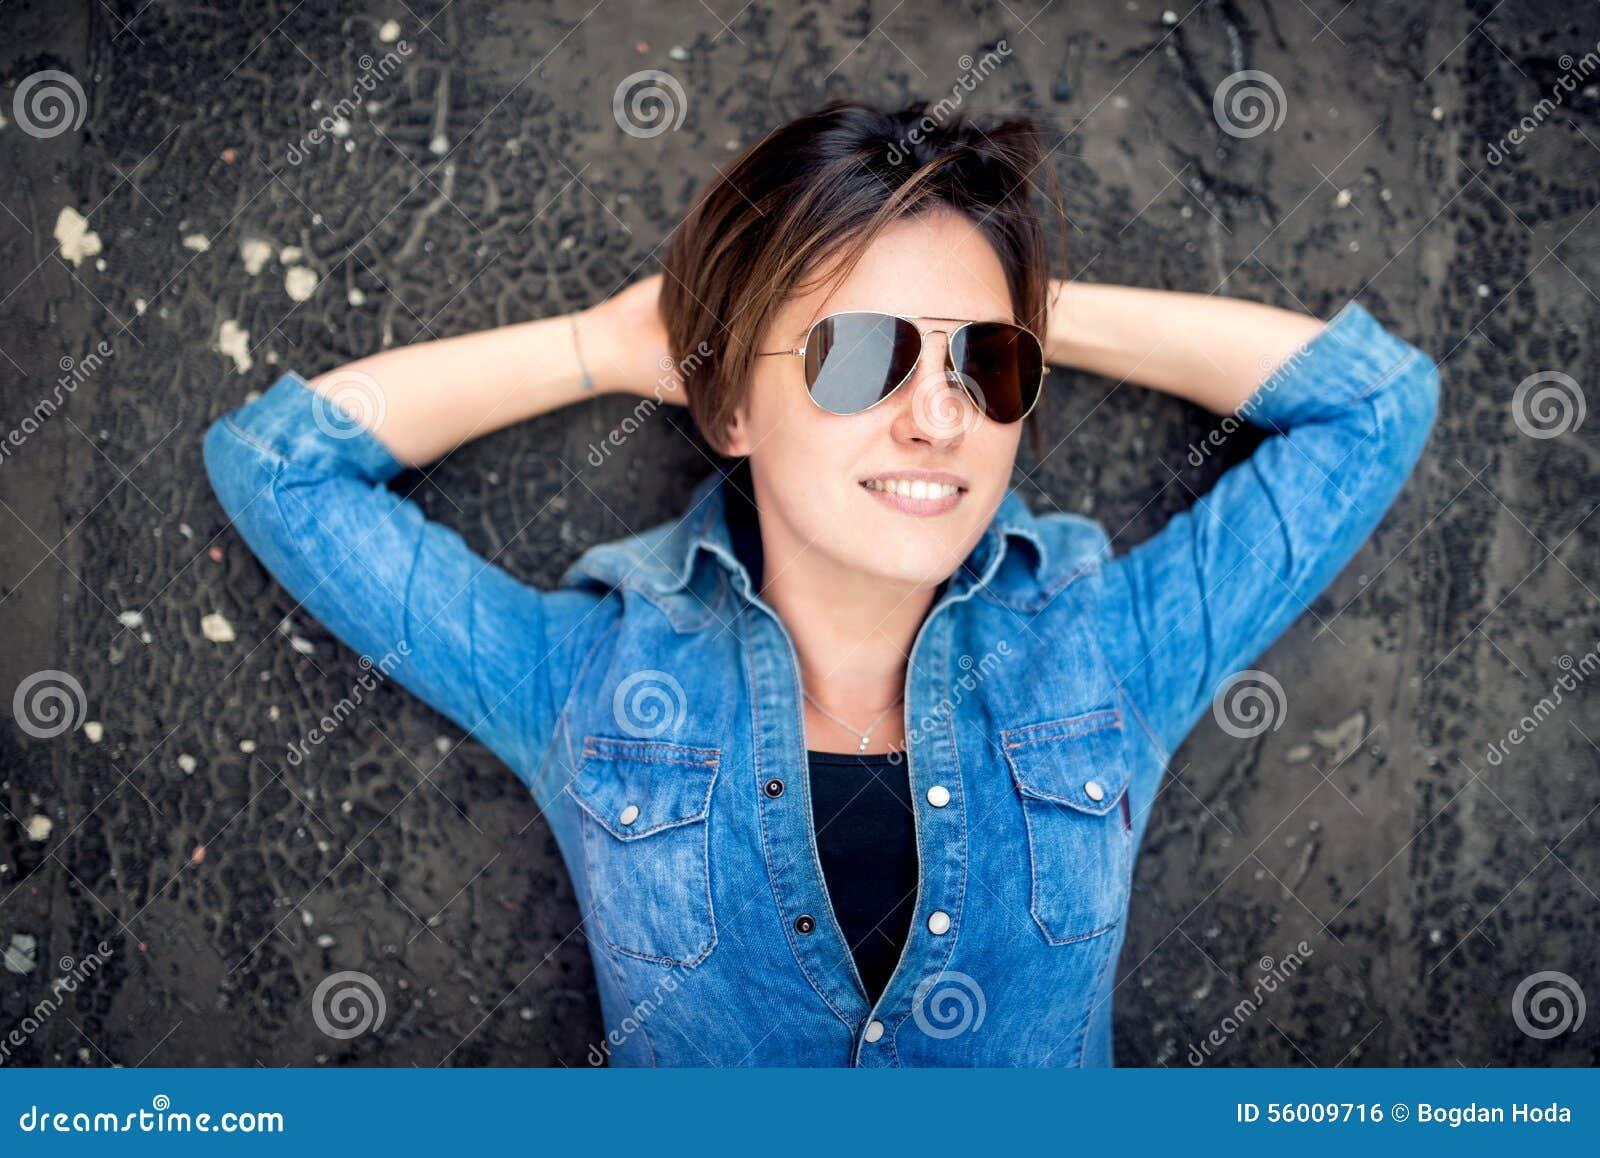 Che Ragazza Da E Ride Con In Occhiali Gli Sole SorrideAndante lJ1cTF3K